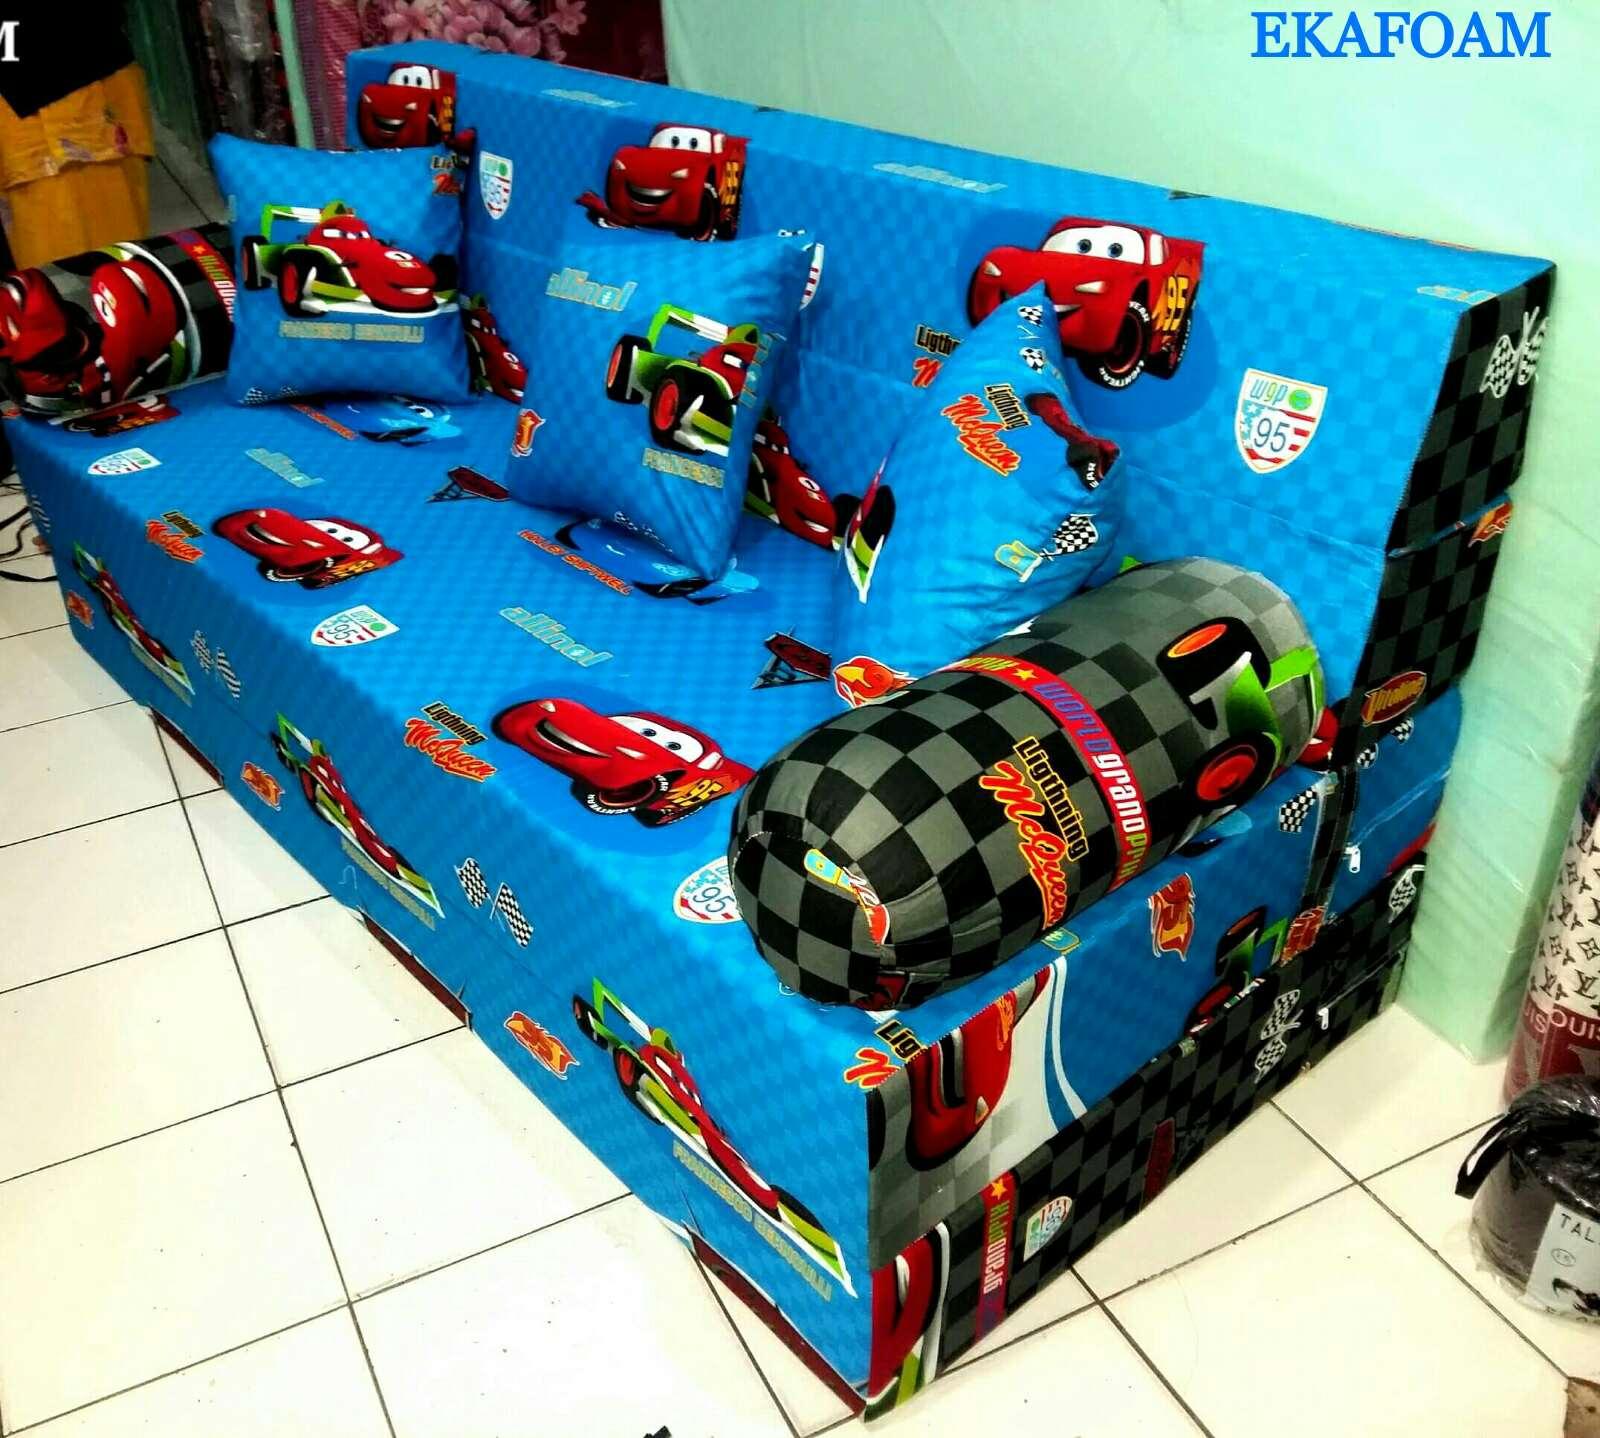 harga sofa bed inoac 2017 turkish style set full motif agen resmi kasur busa